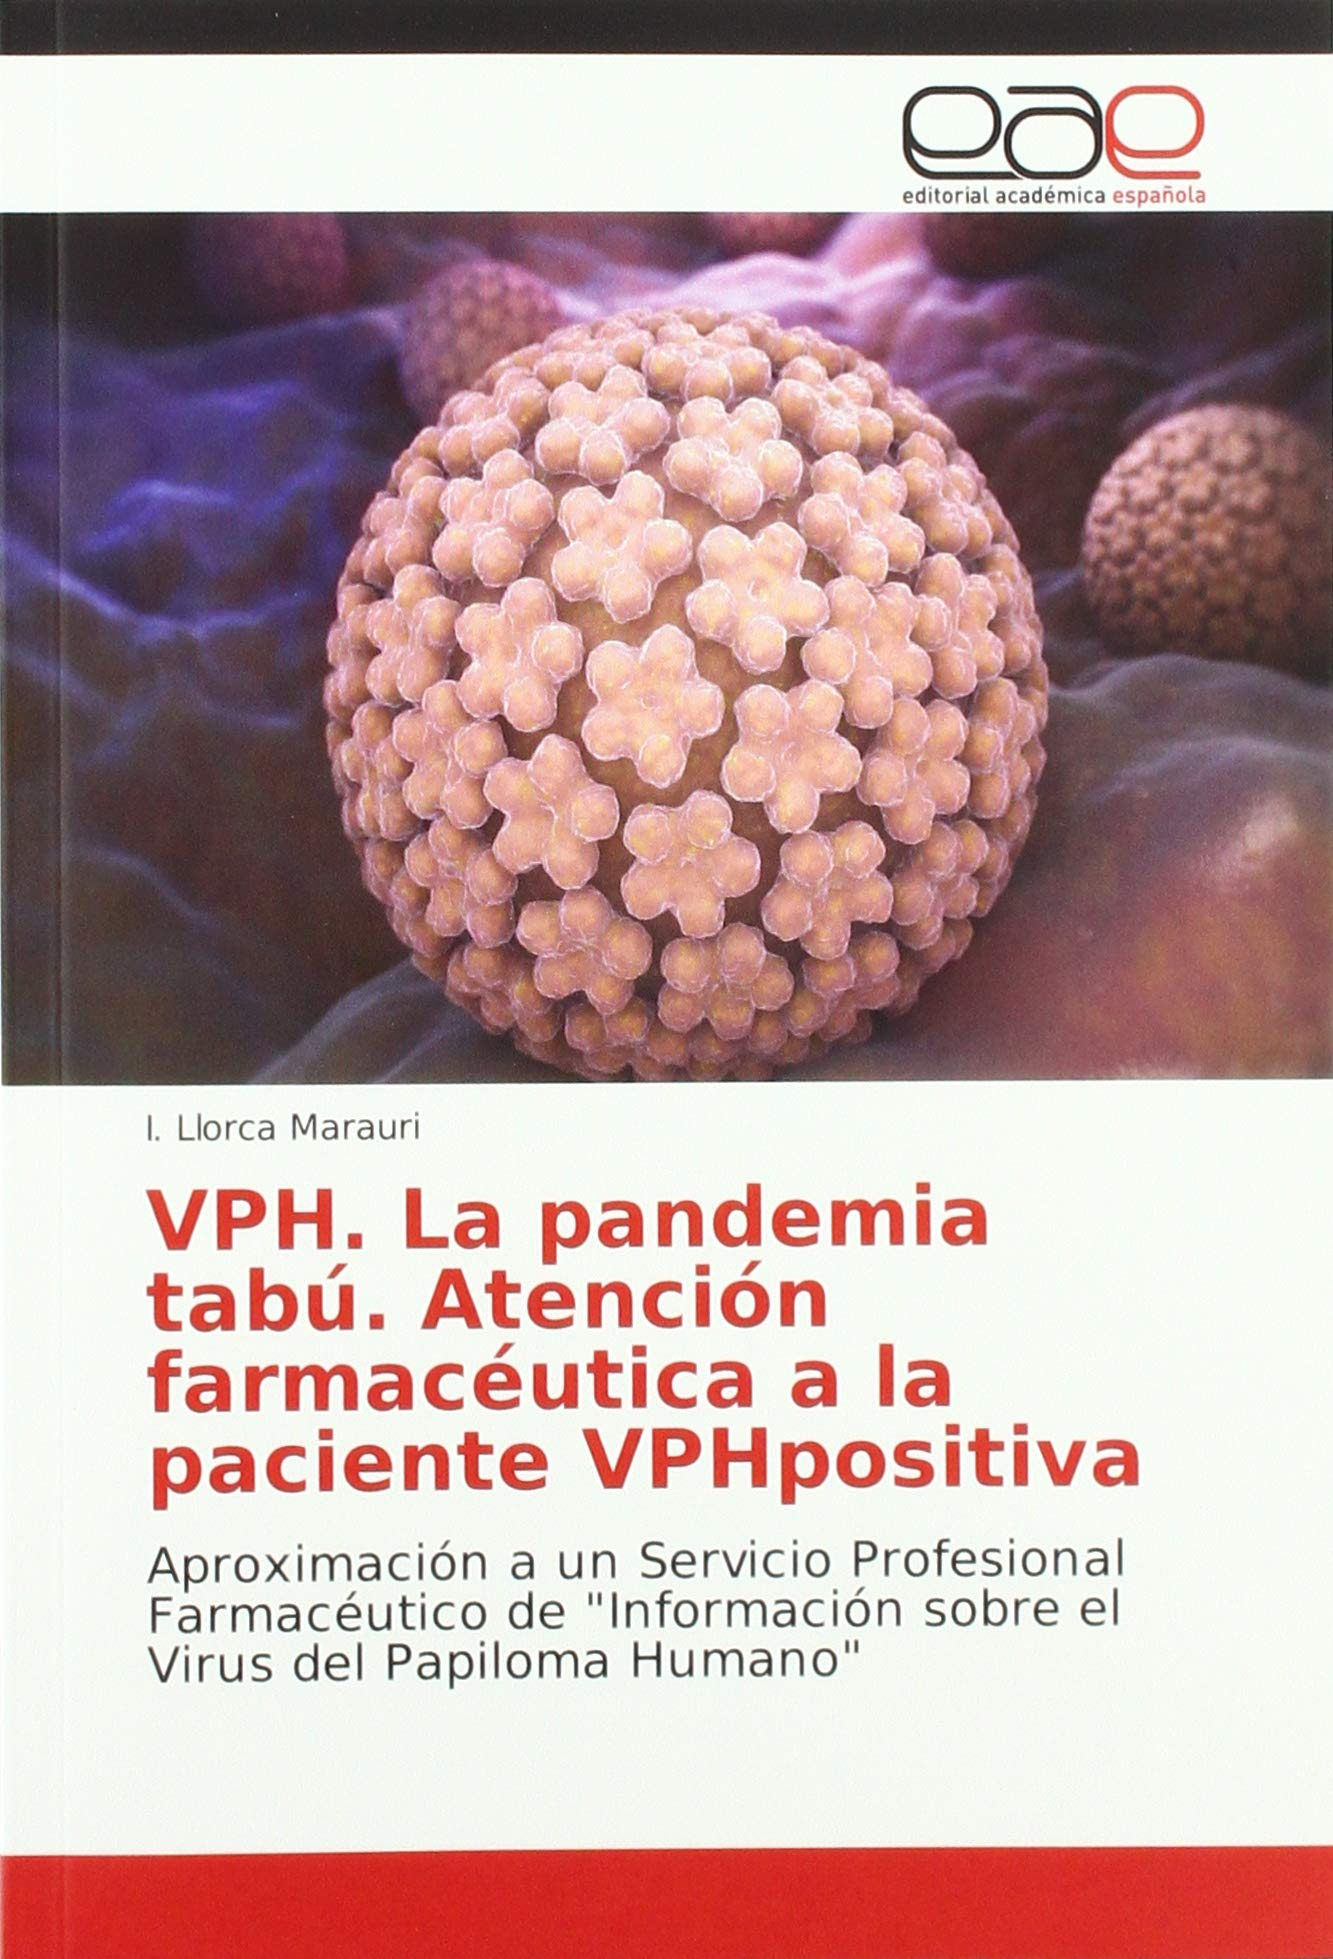 virus del papiloma humano en que consiste)